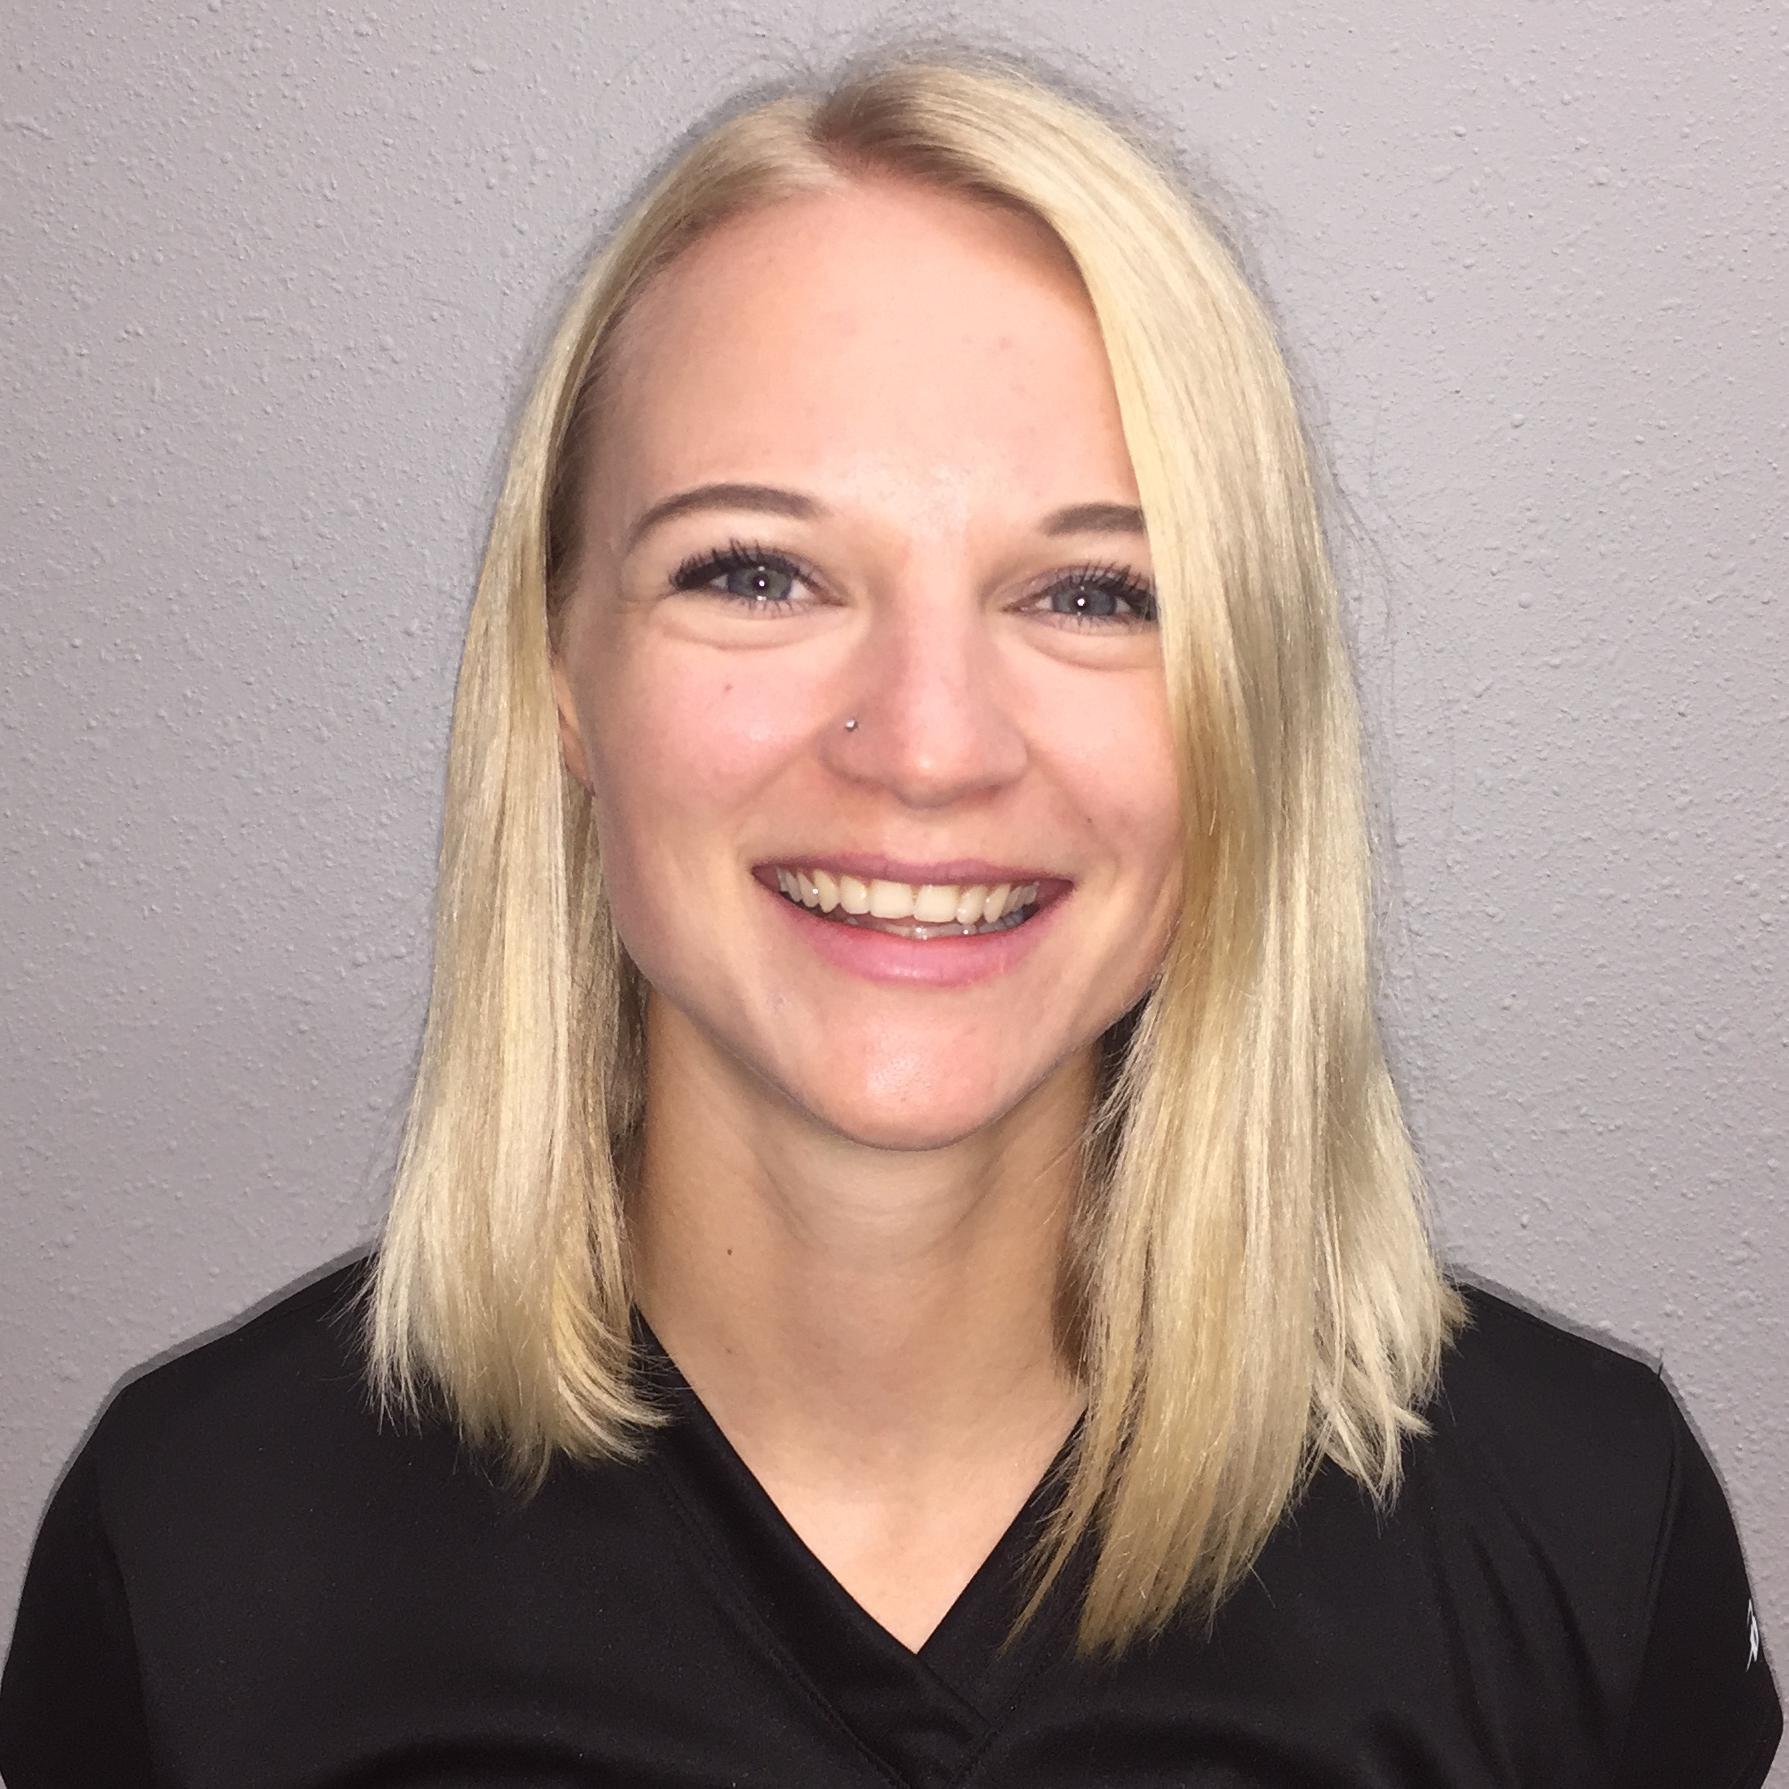 Jessie Bykowski